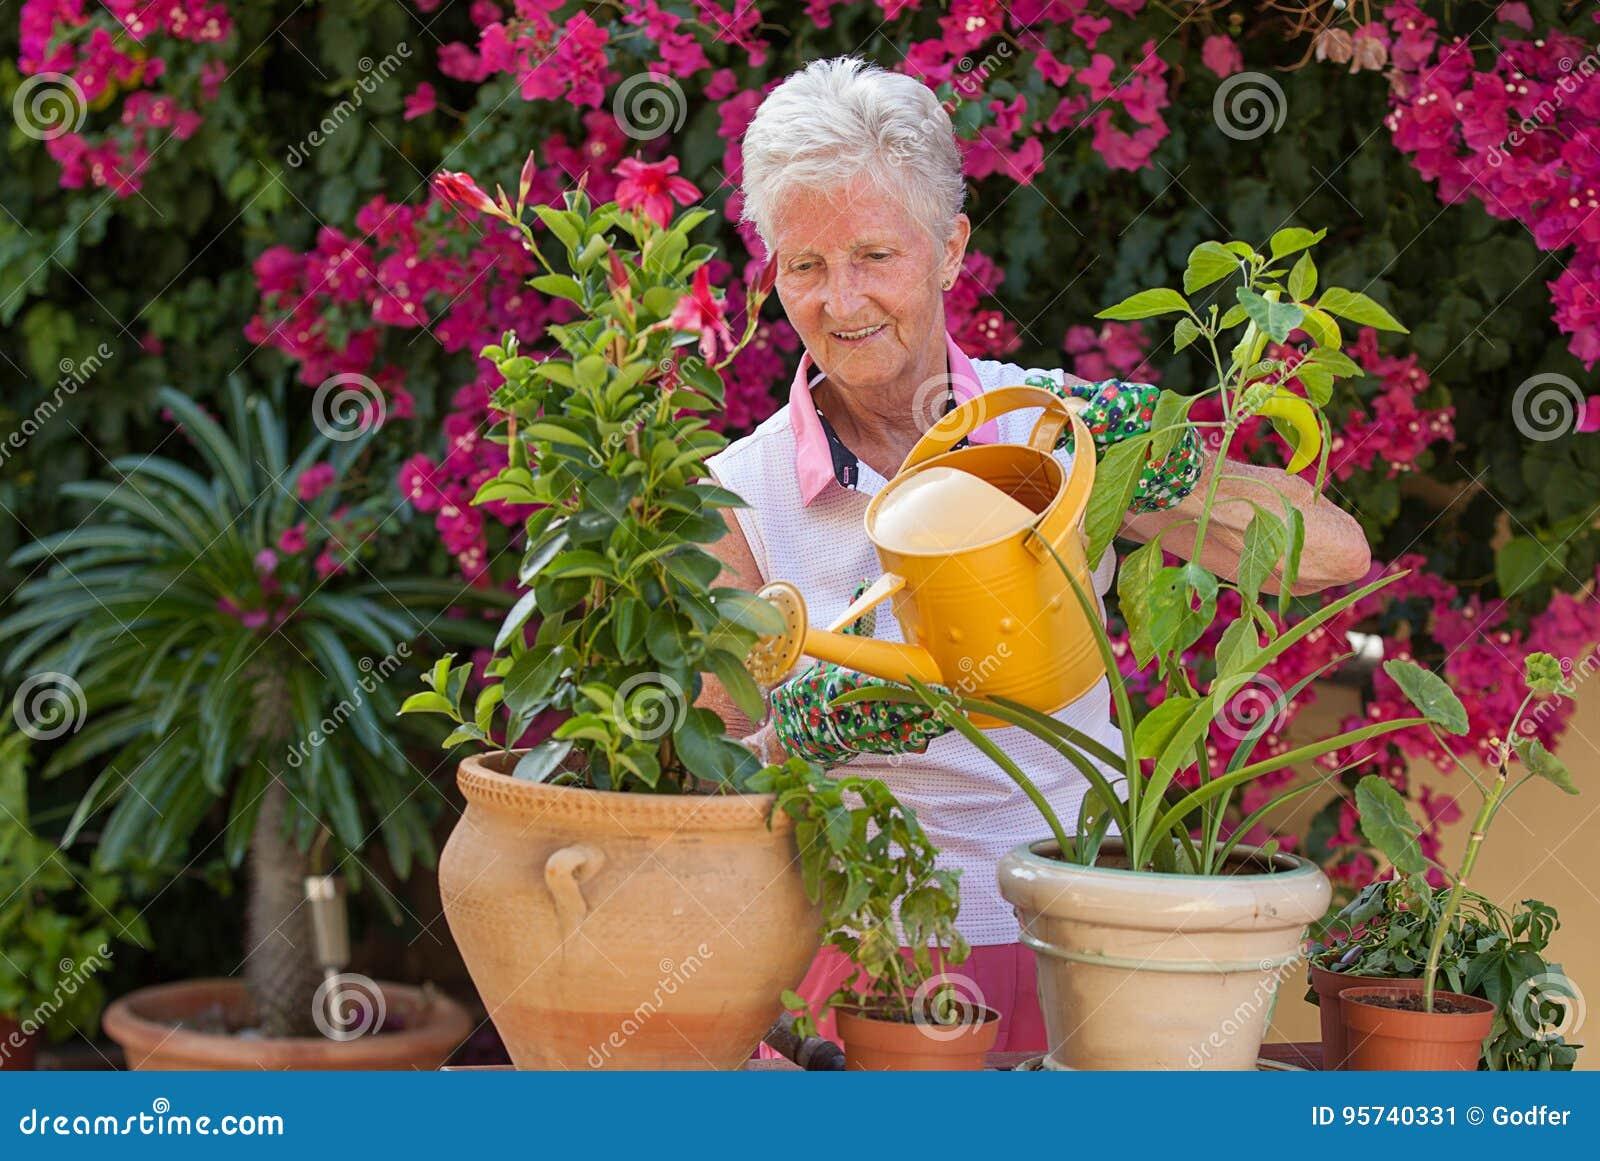 Plantas molhando do jardineiro ativo do aposentado